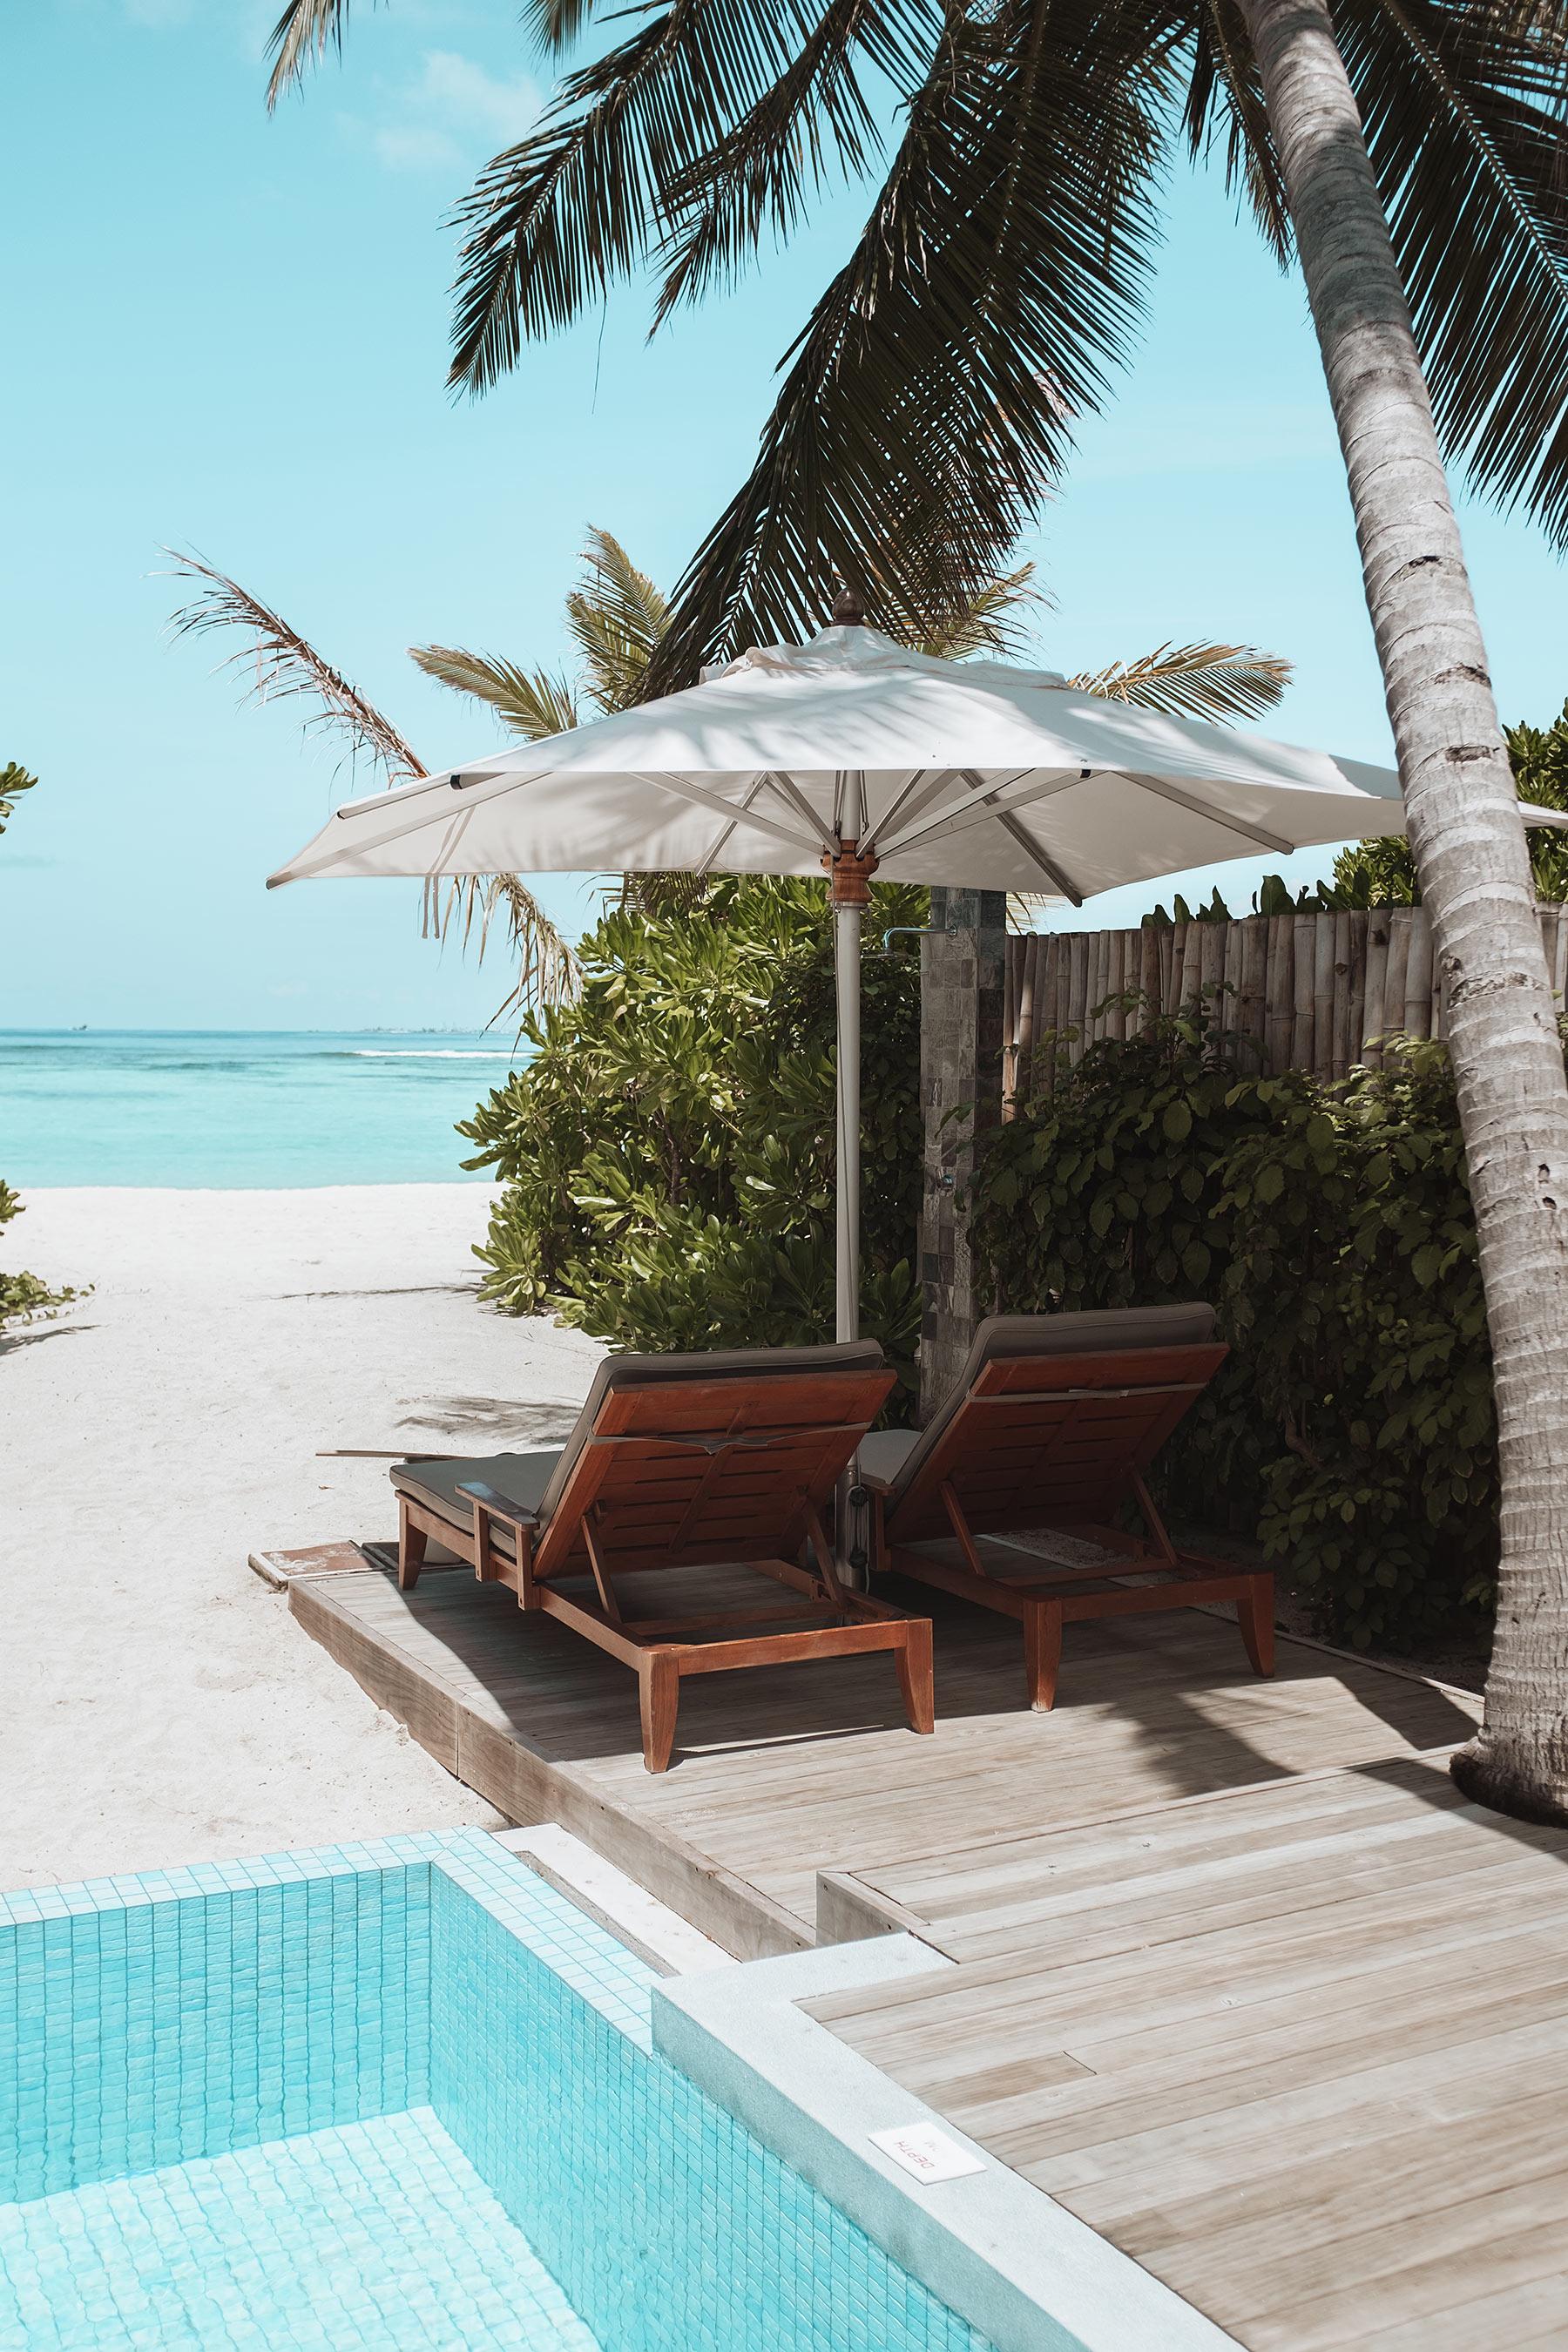 velassaru maldives terrasse travel blog sunnyinga